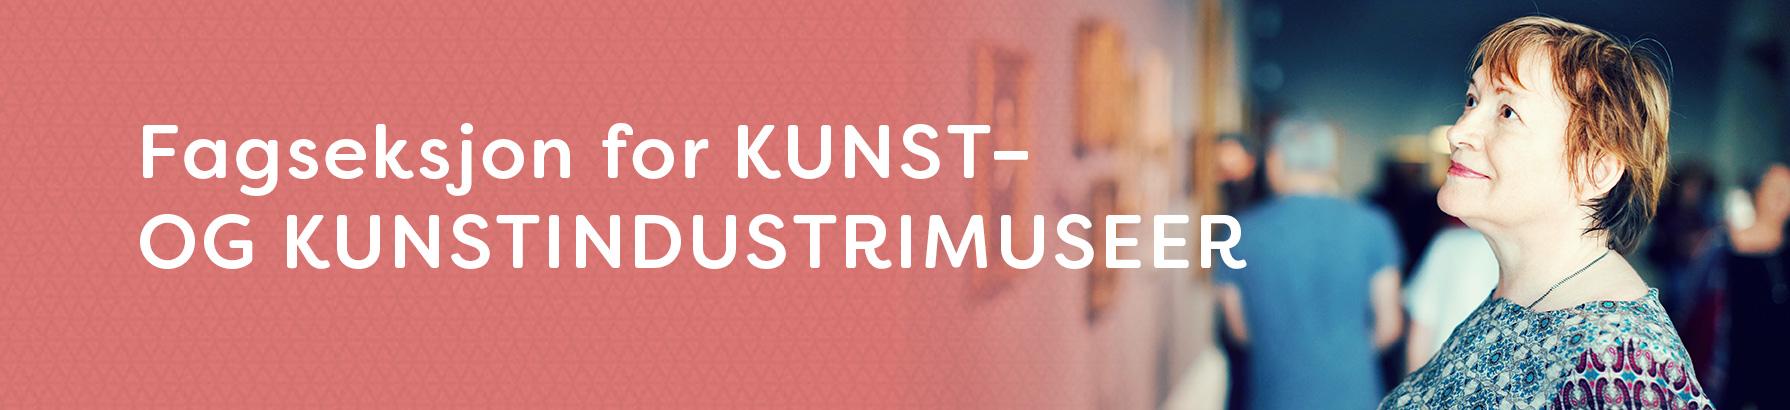 Fag_KUNST_INDUSTRI2